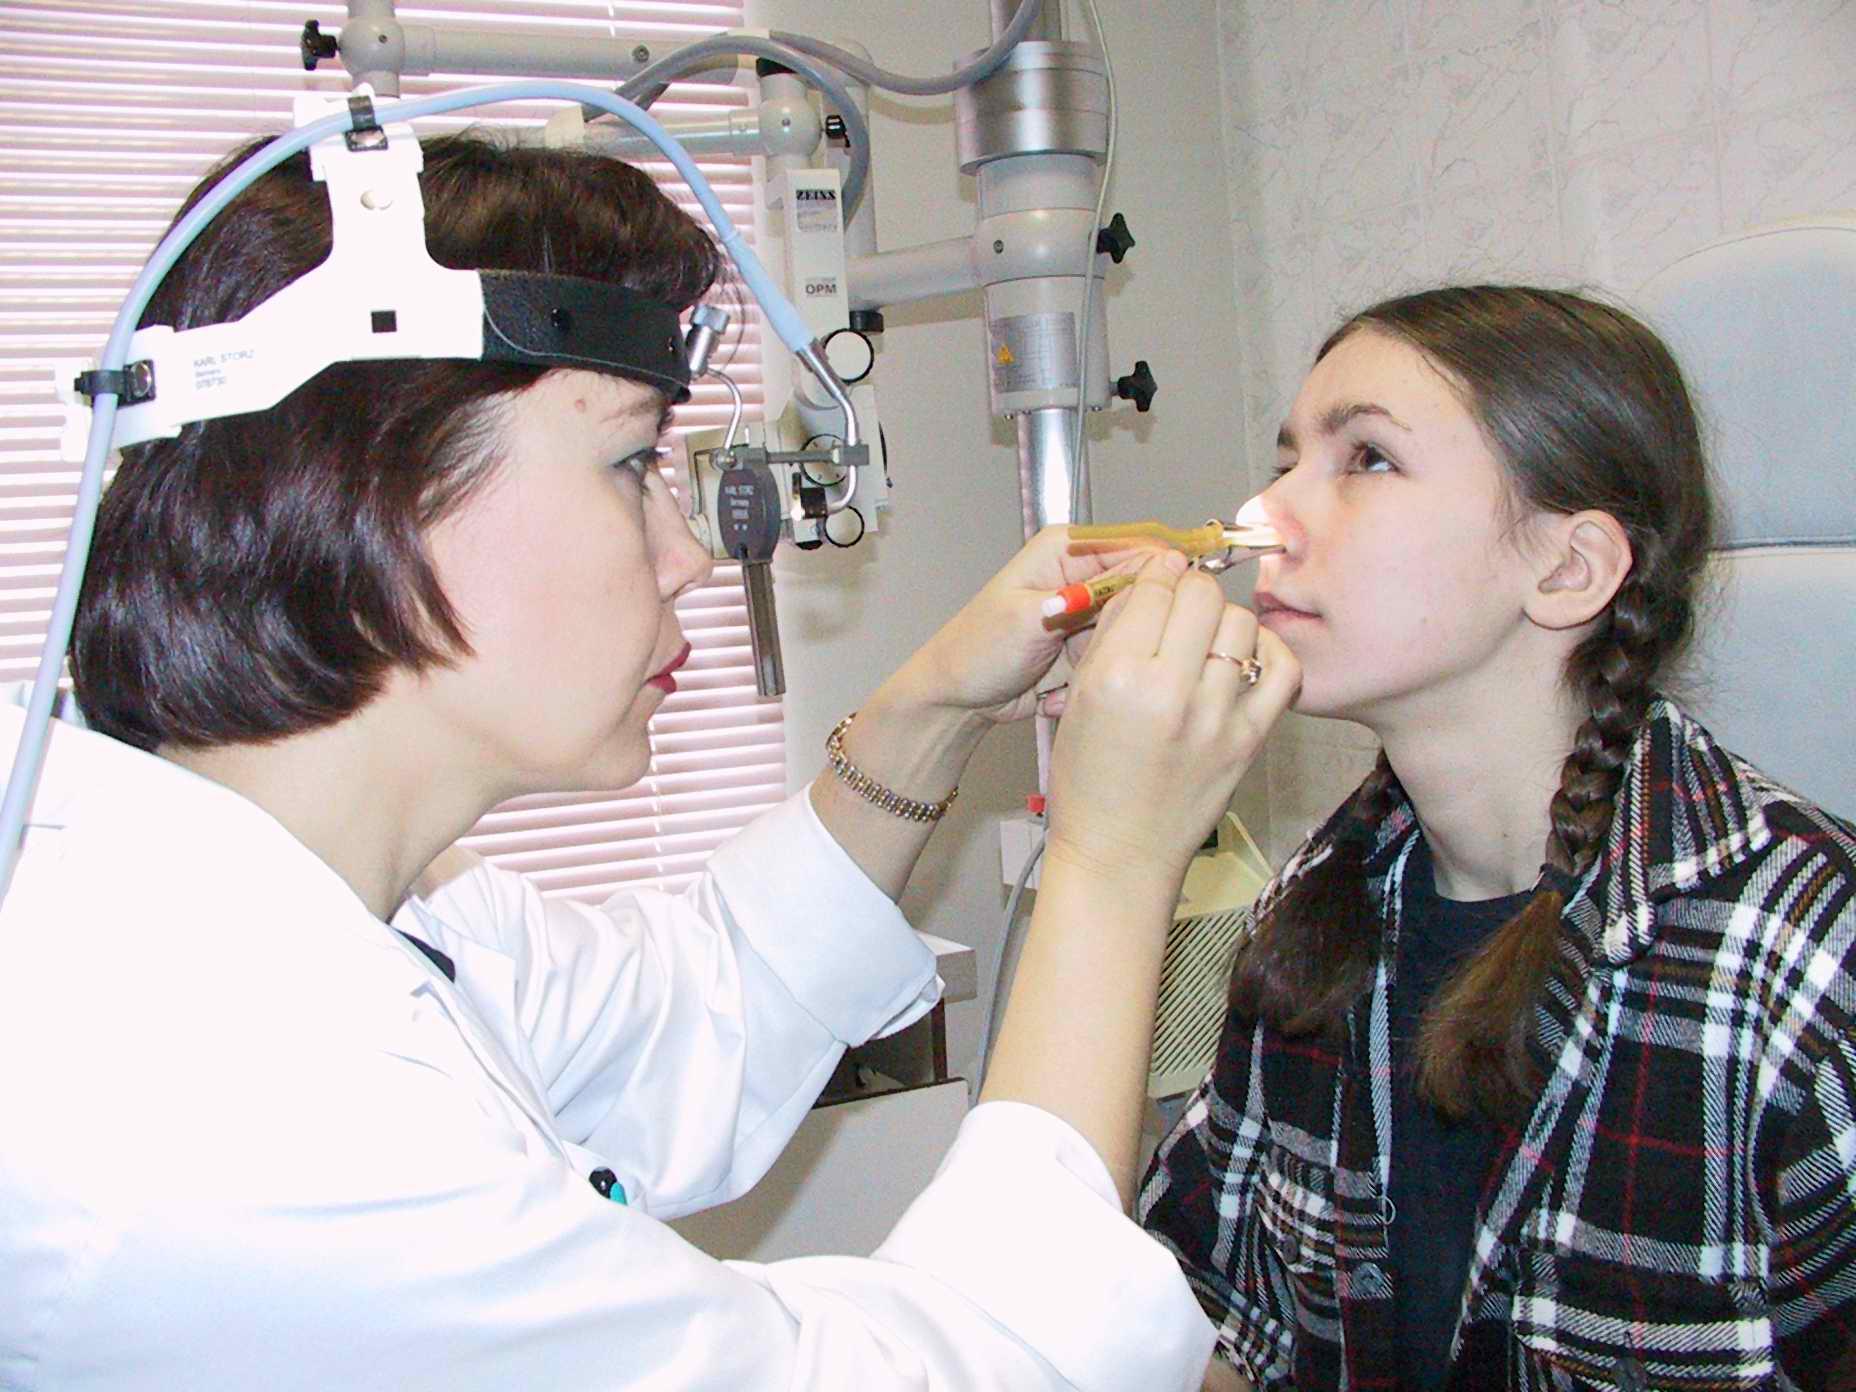 лечение гайморита ямик катетером